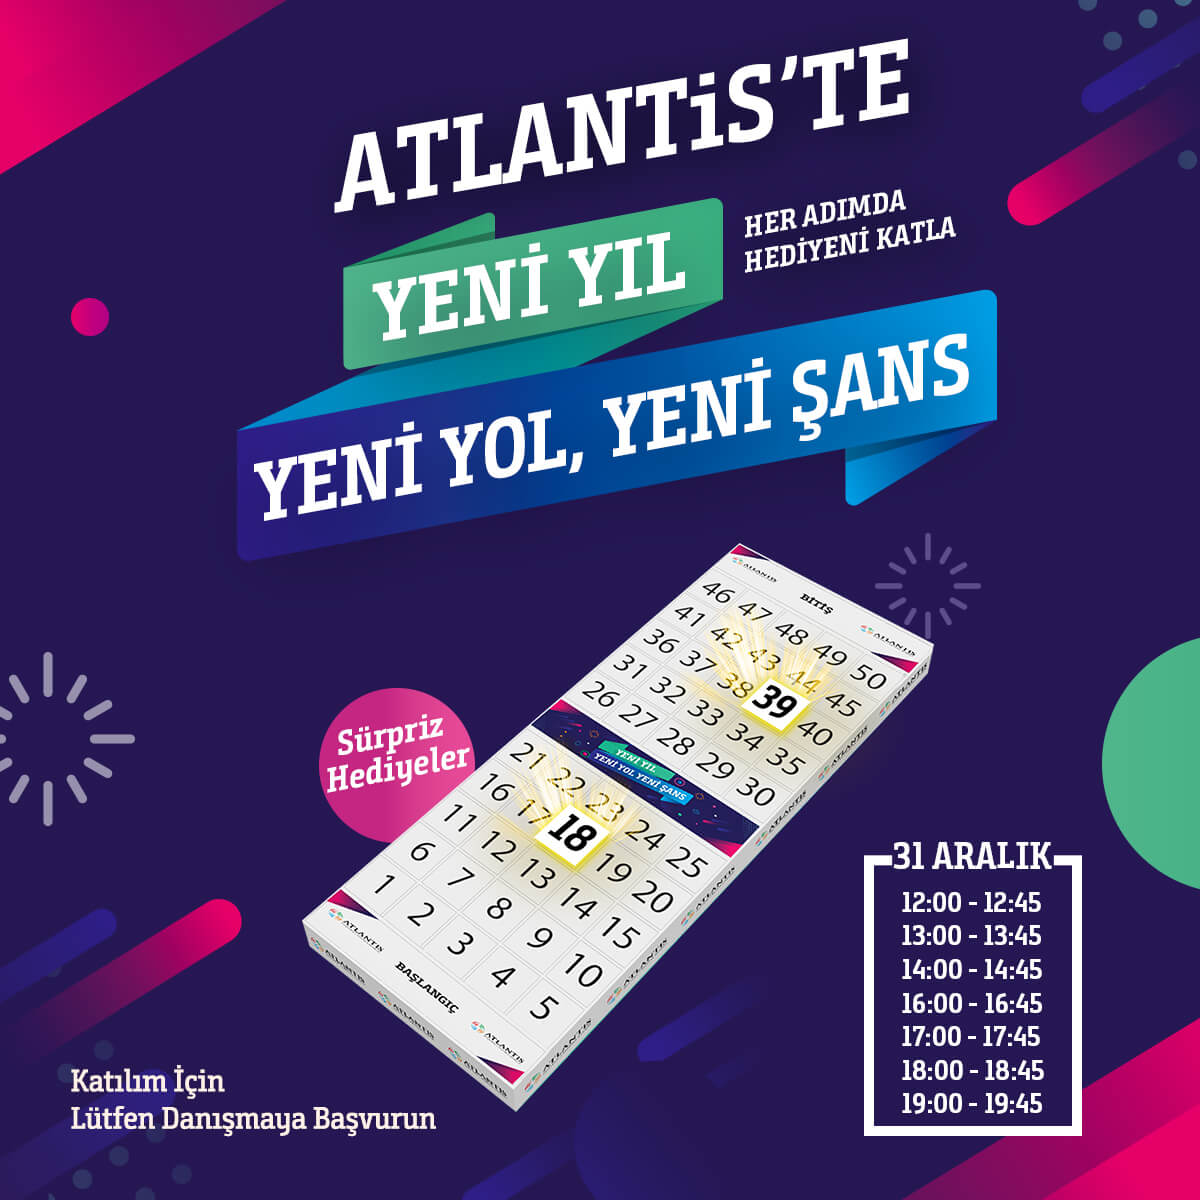 Atlantis'te Yeni Yıl Yeni Yol Yeni Şans